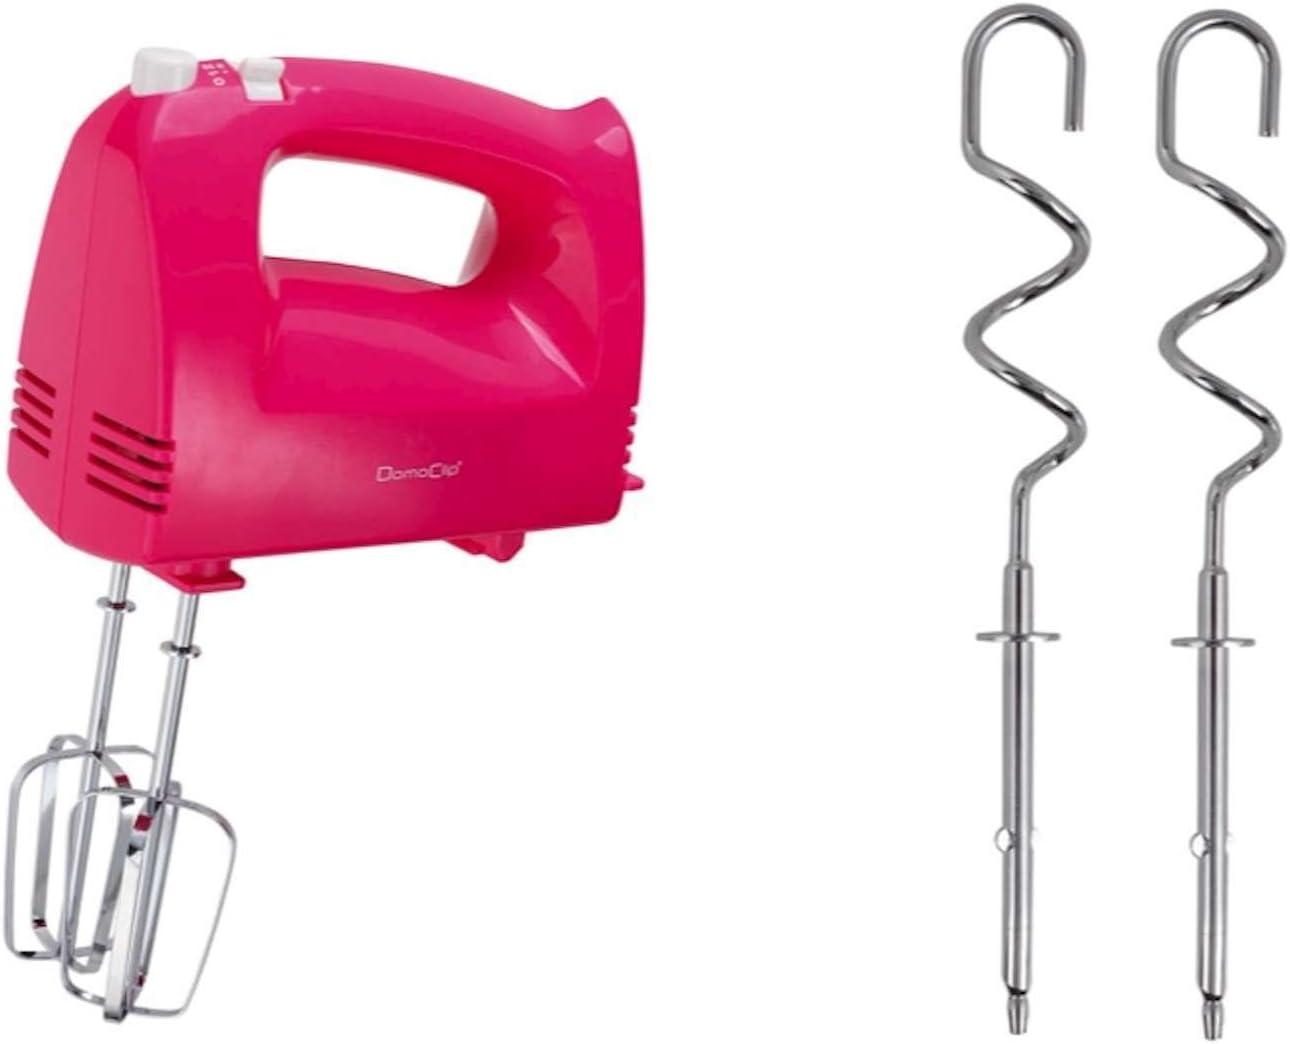 Batidora de mano para mezclar dispositivo 5 niveles – Batidora (Ganchos para amasar Varilla Batidora varillas (200 W, botón de expulsión del Motor, licuadora, agitador, Rosa): Amazon.es: Hogar